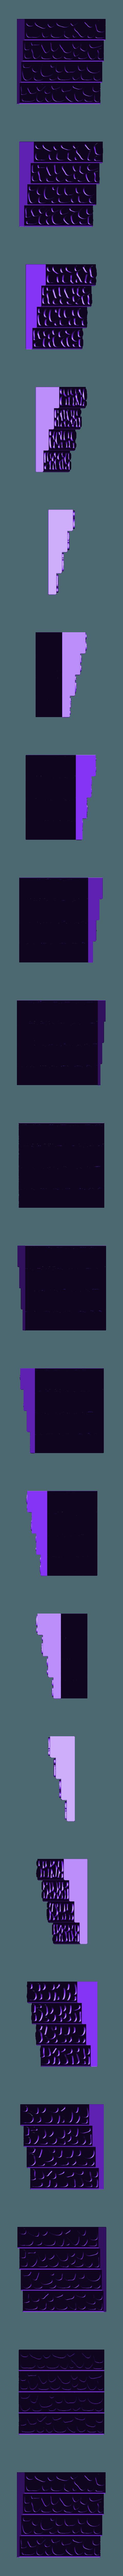 Finalized_Stairs.stl Télécharger fichier STL GeneriTiles - Topset de table RPG • Modèle pour imprimante 3D, daandruff